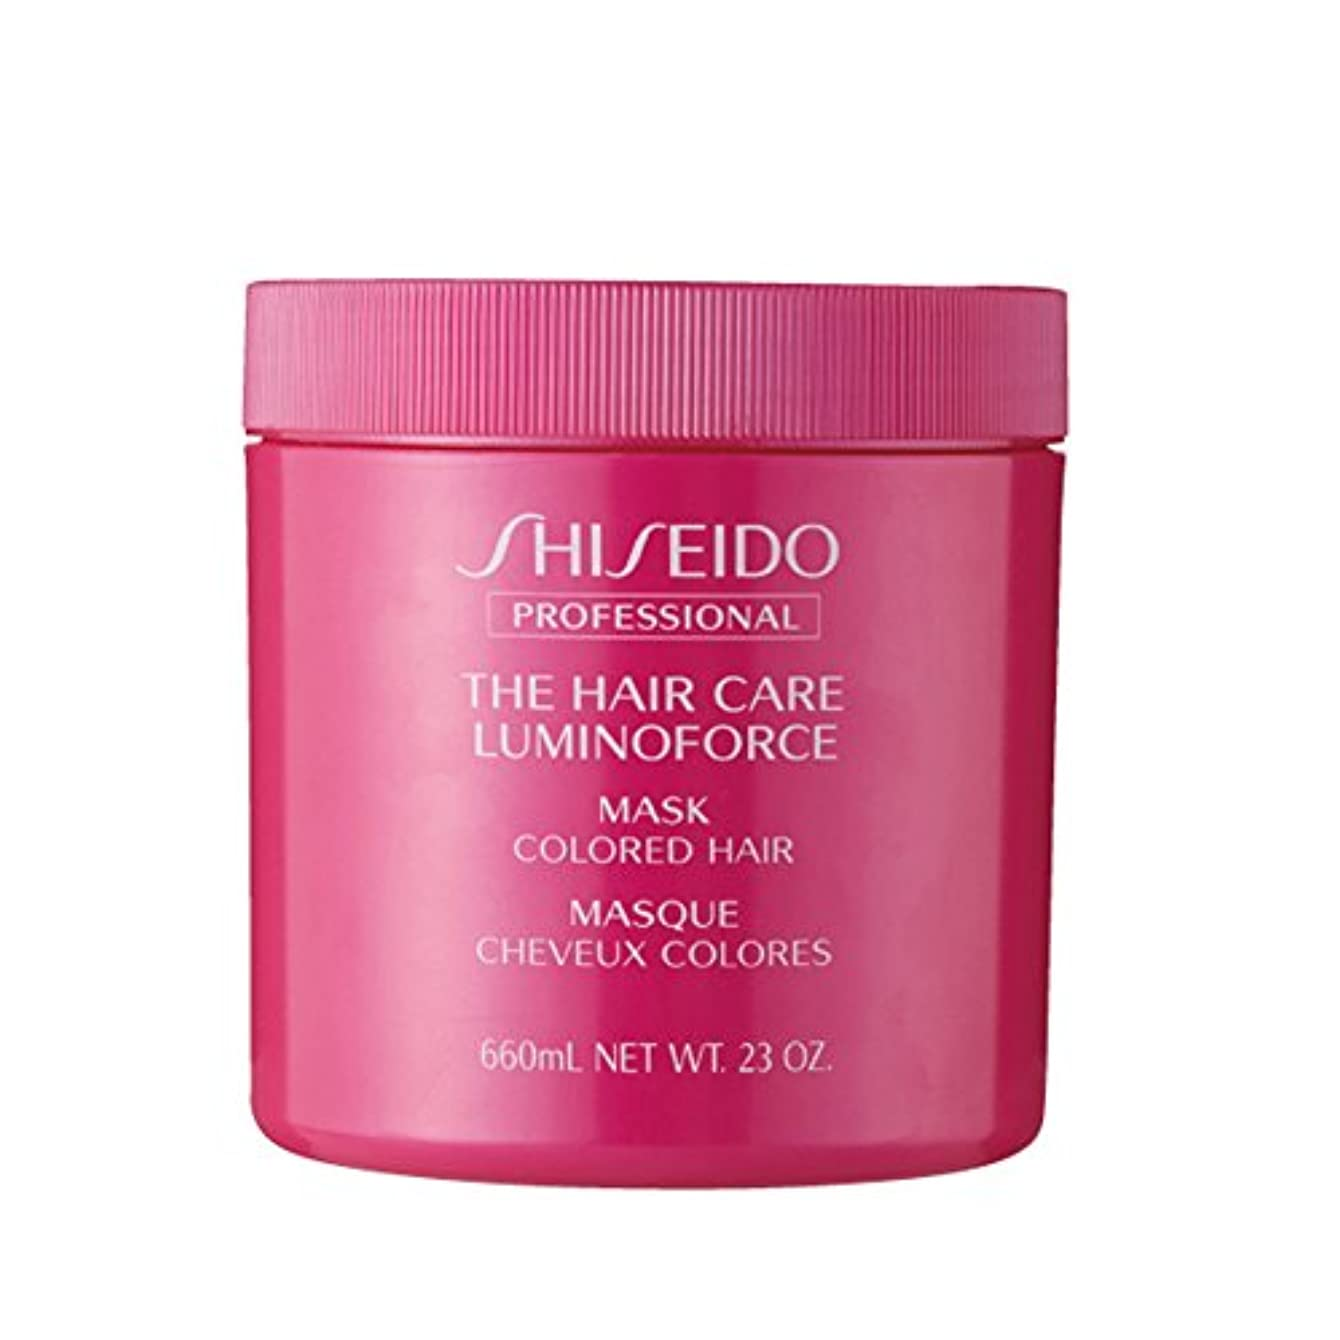 収入魅力十代の若者たち資生堂 THC ルミノフォースマスク 680g ×2個 セットヘアカラーを繰り返したごわついた髪を、芯からしなやかでつややかな髪へSHISEIDO LUMINOFORCE